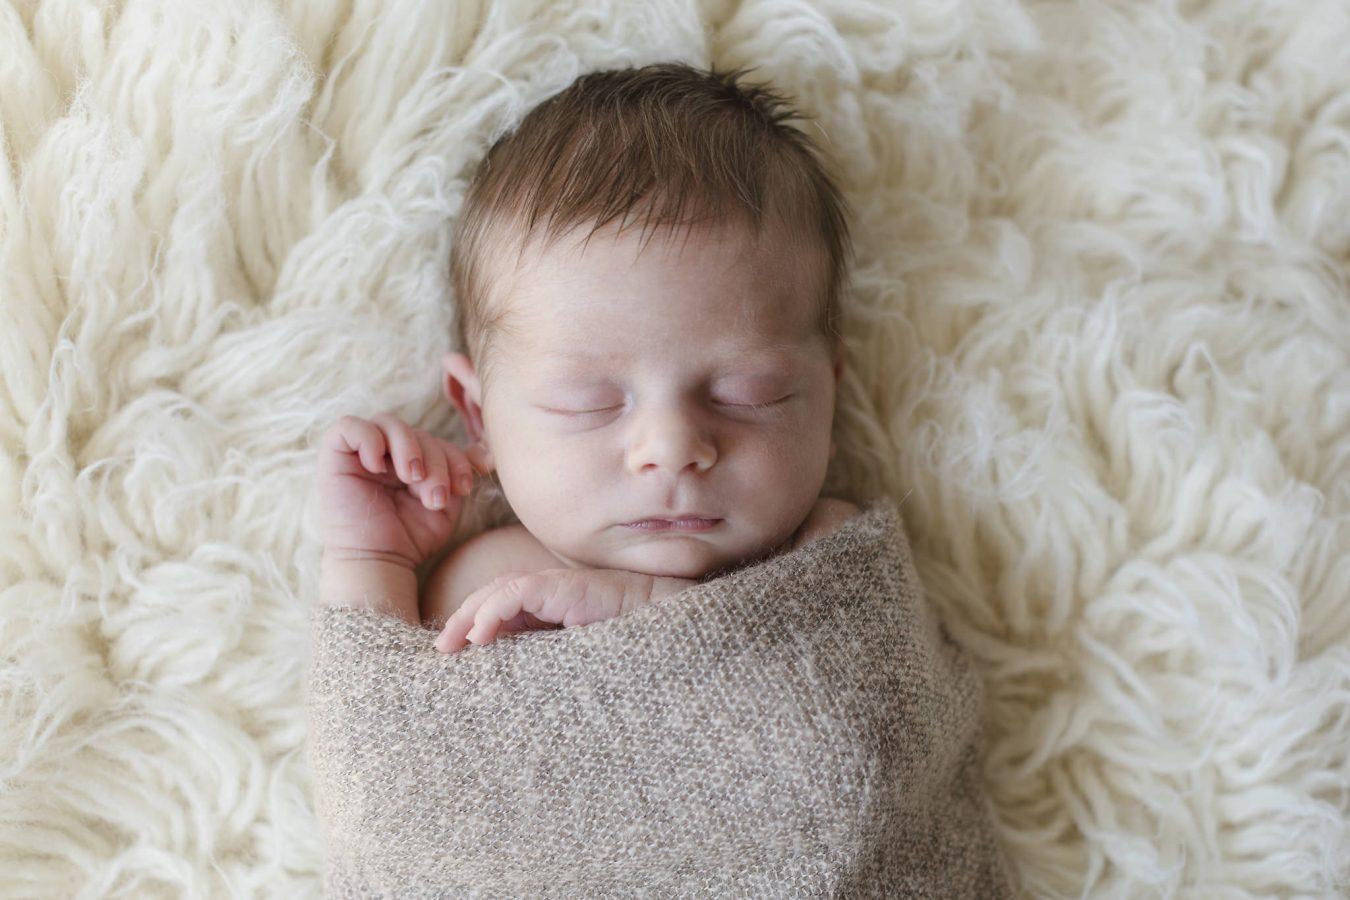 Babyfotograf Hamburg - Baby liegt in einen Wrap eingewickelt auf einem Flokati und schläft